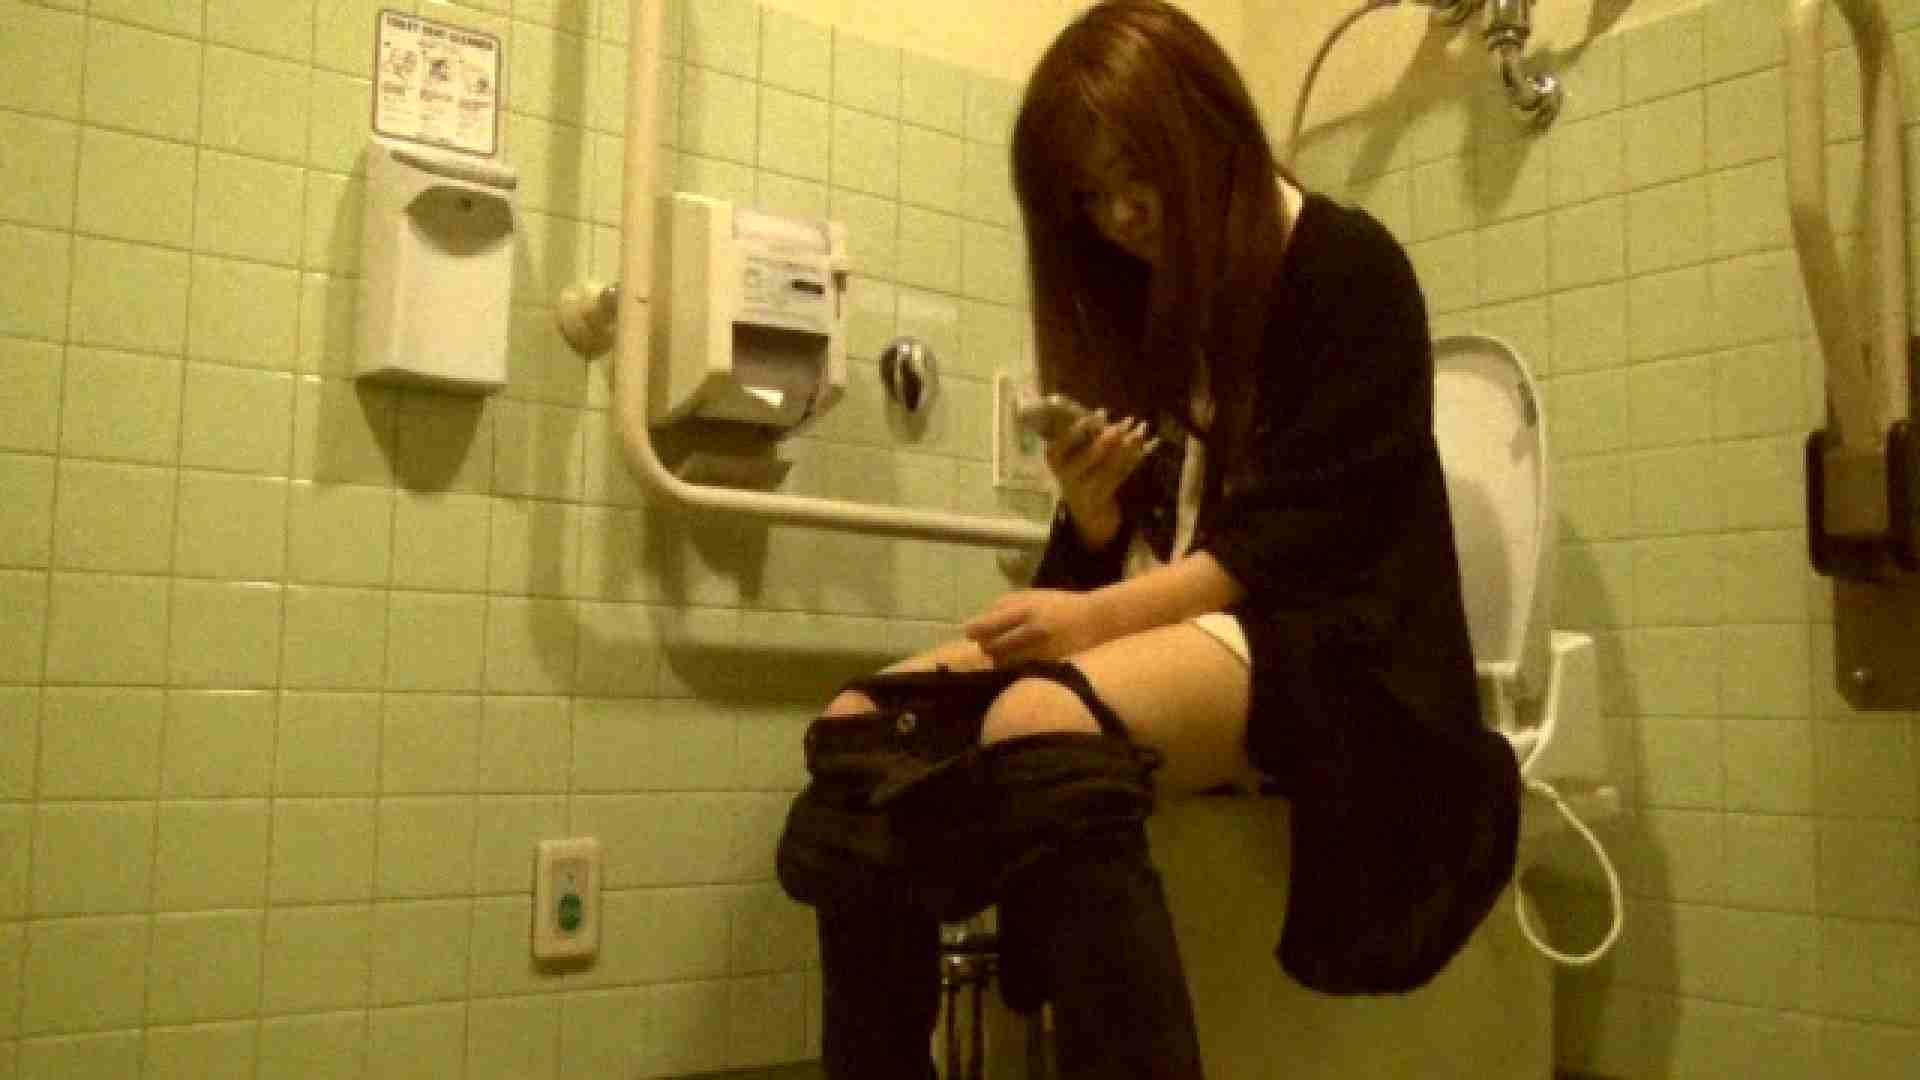 魔術師の お・も・て・な・し vol.26 19歳のバーの店員さんの洗面所をしばし… 洗面所 | 美女OL  54連発 35